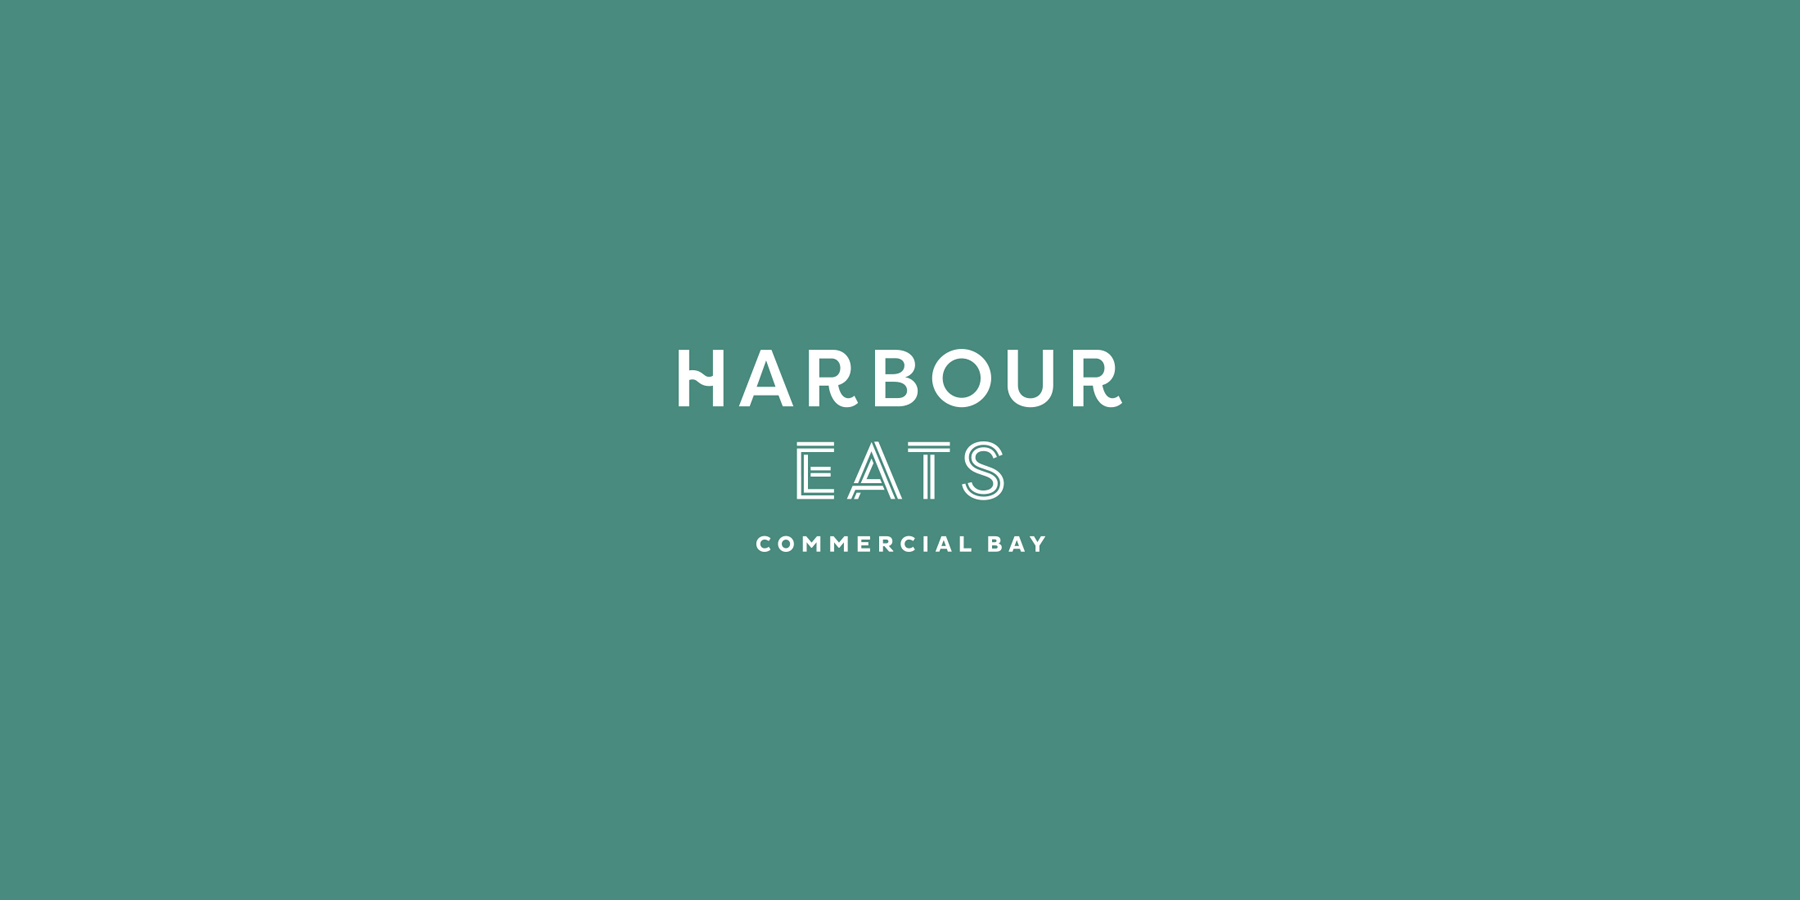 Harbour Eats